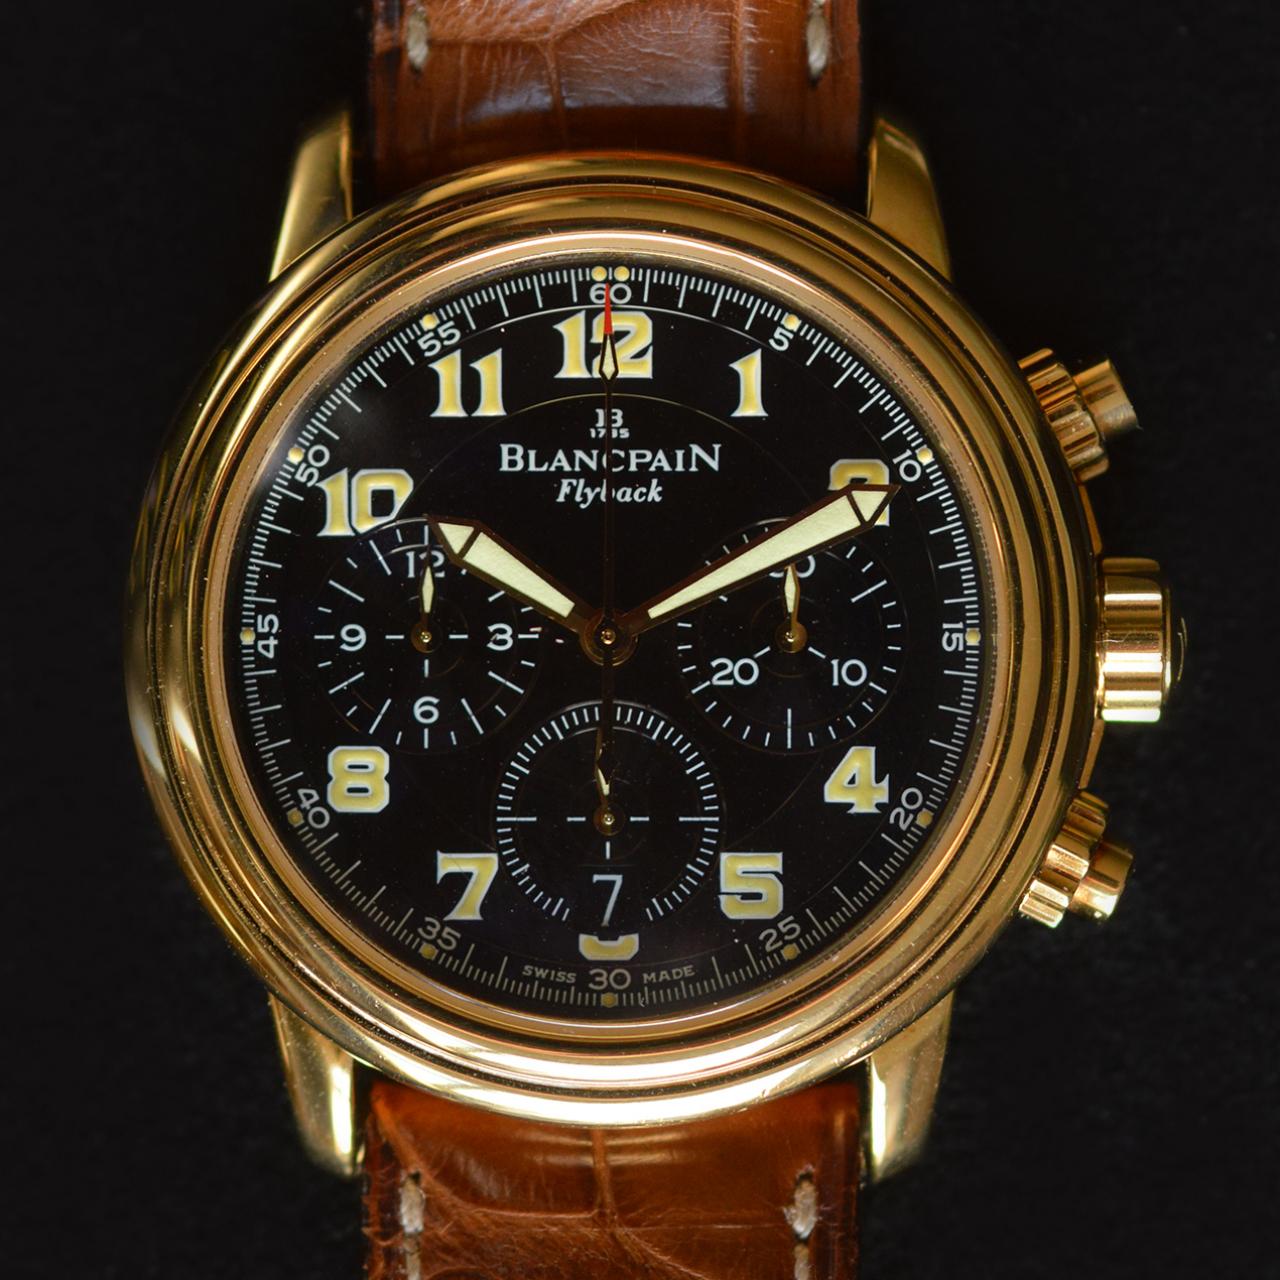 blancpain-flyback-chronograaf-leman-ref-2185f-cal-1185-goud-18k